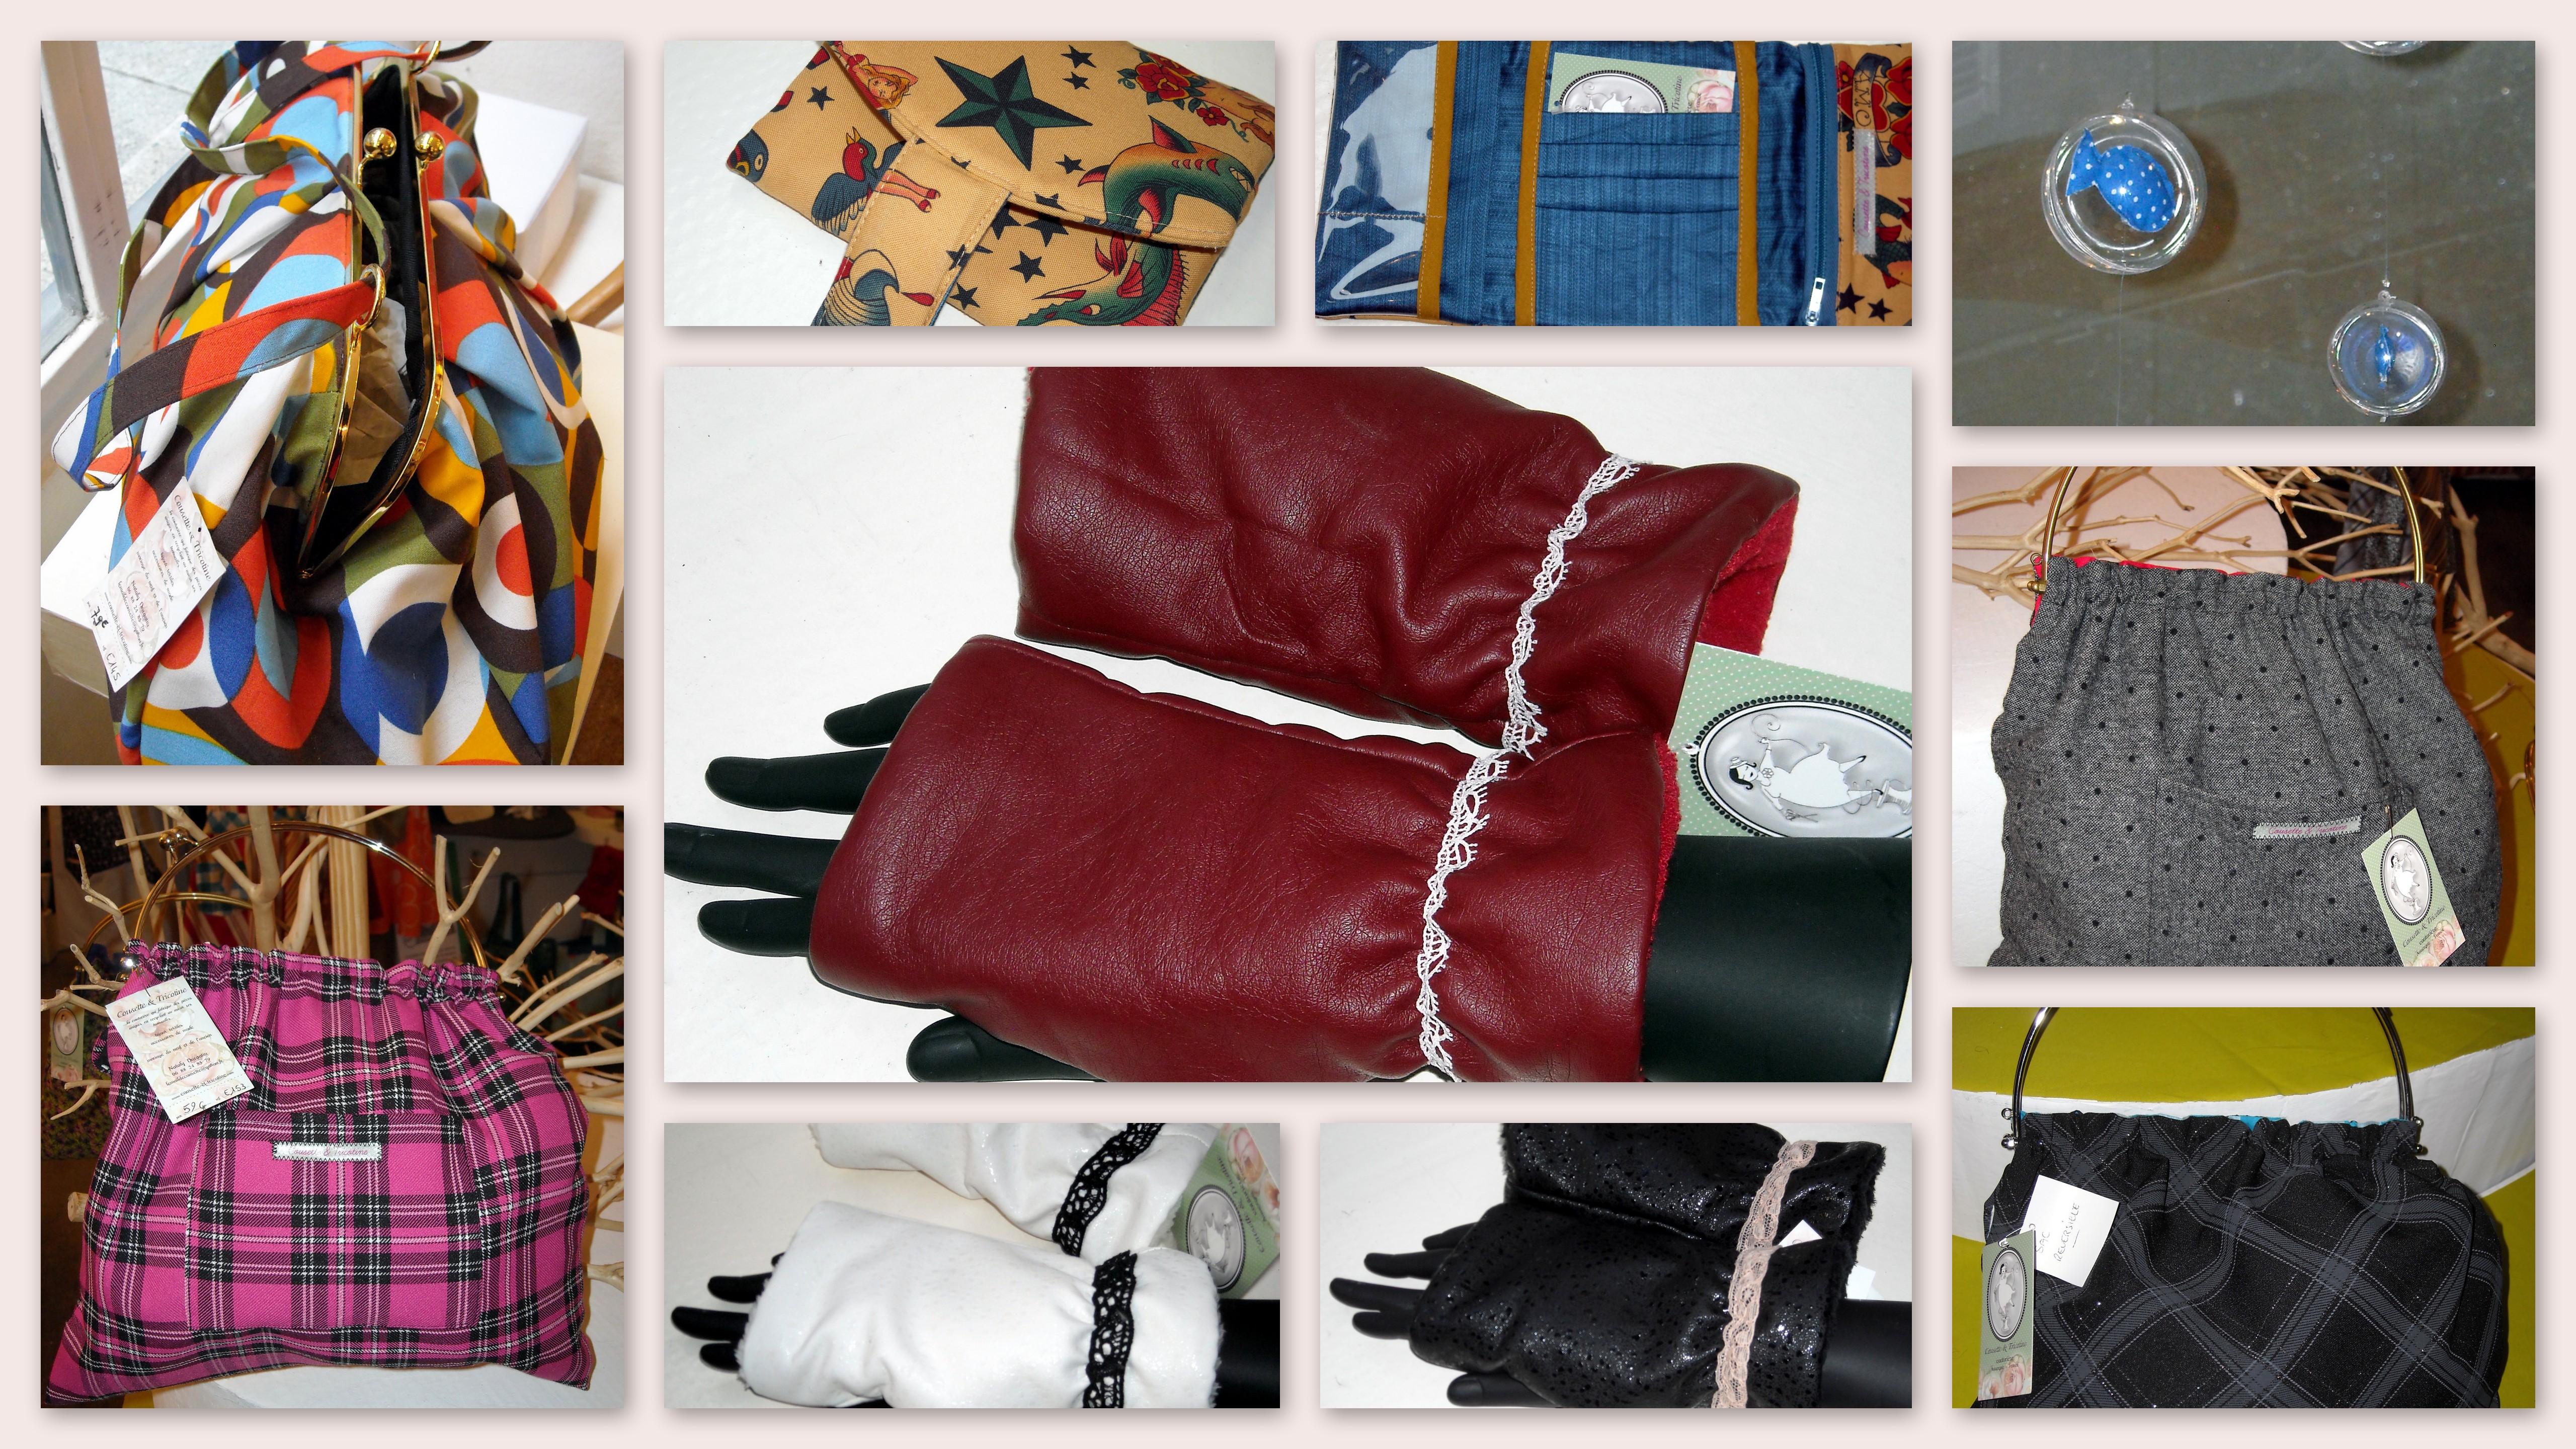 montage_Nouveautés_novembre_20122.jpg